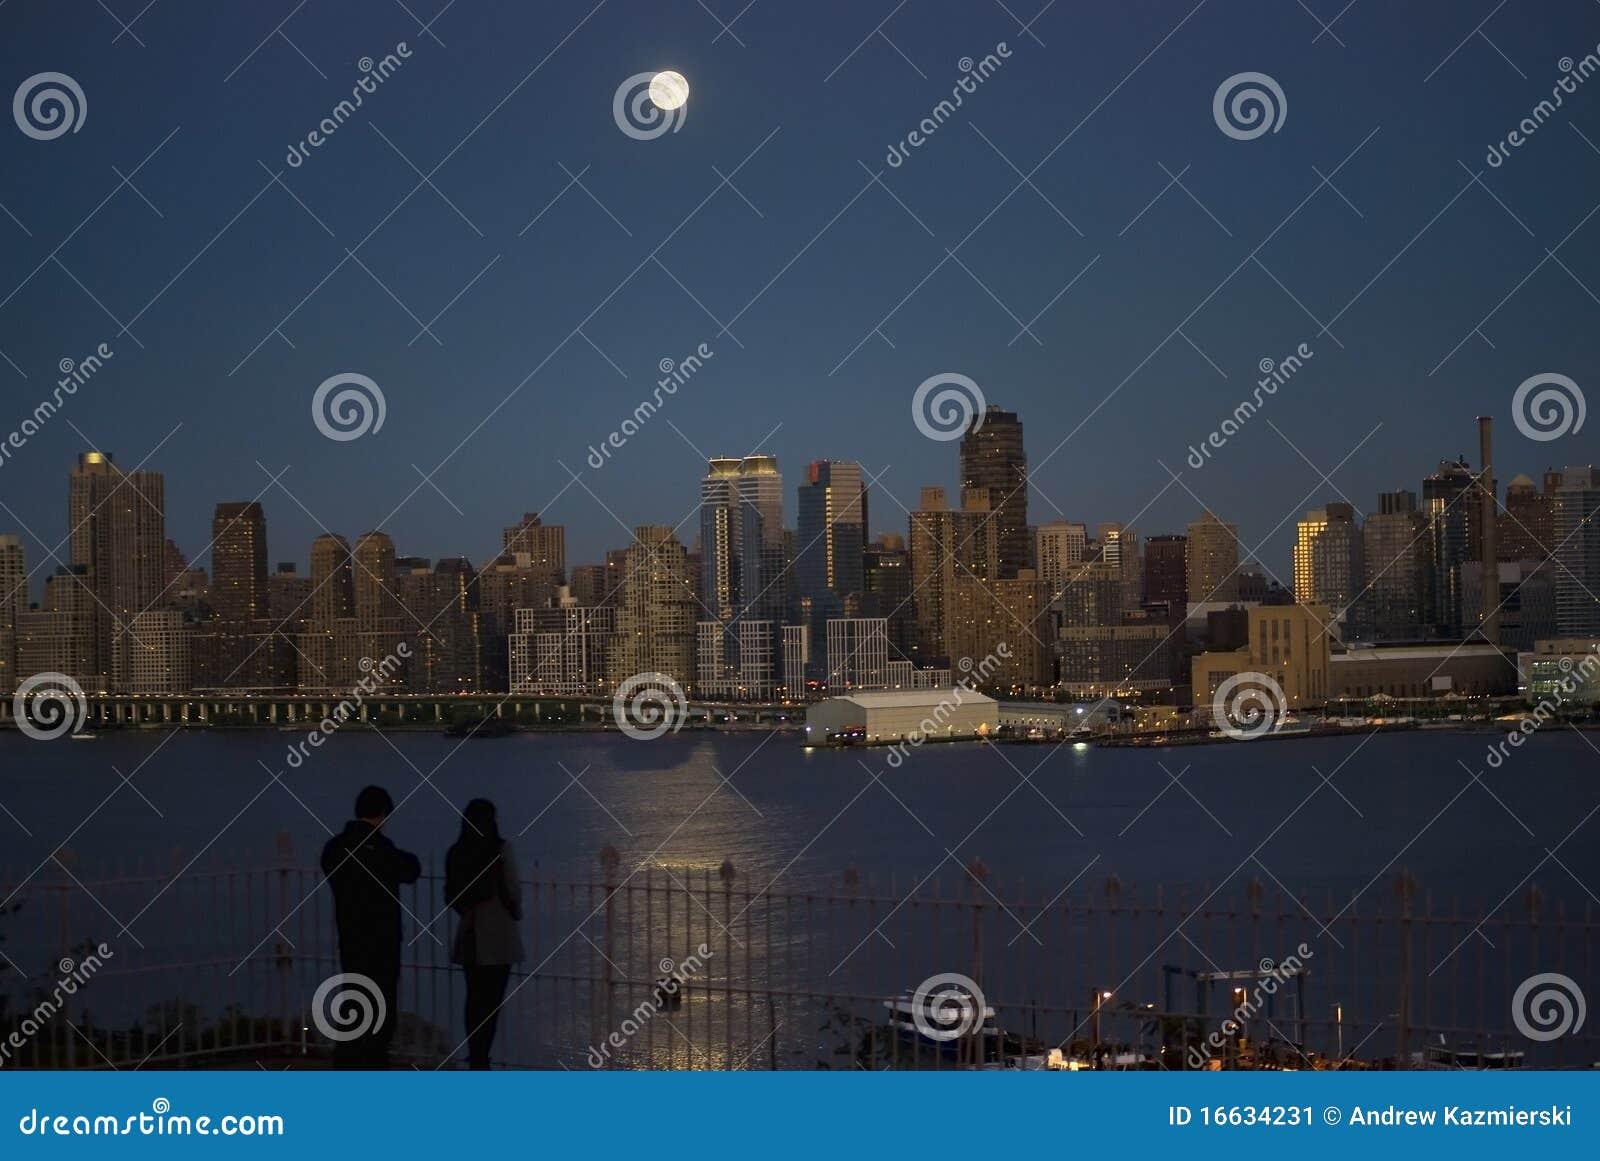 Hudson blask księżyca